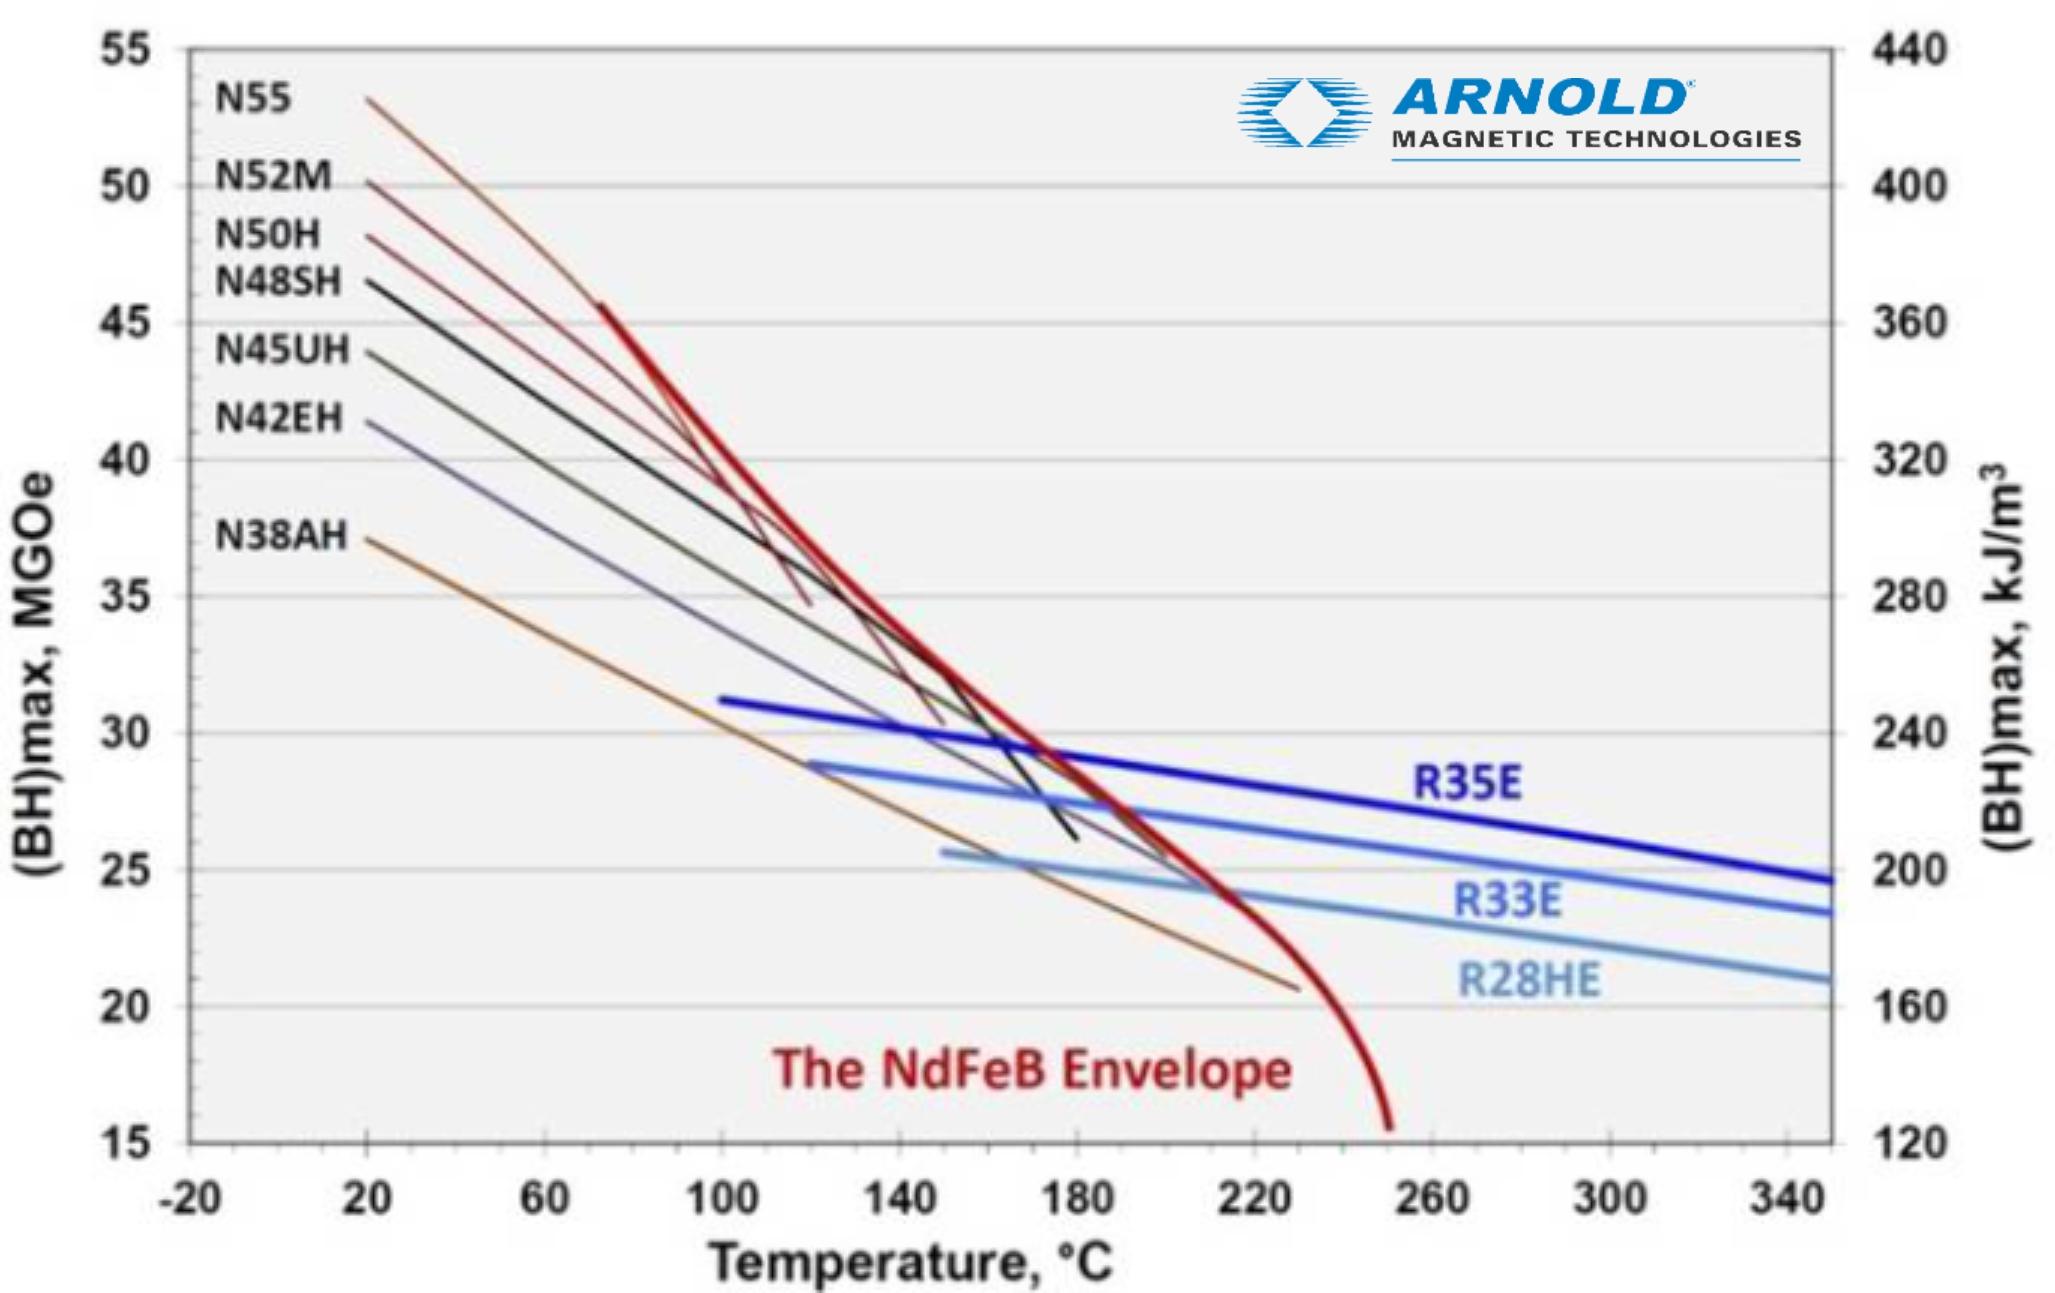 NdFeB Envelope Graph